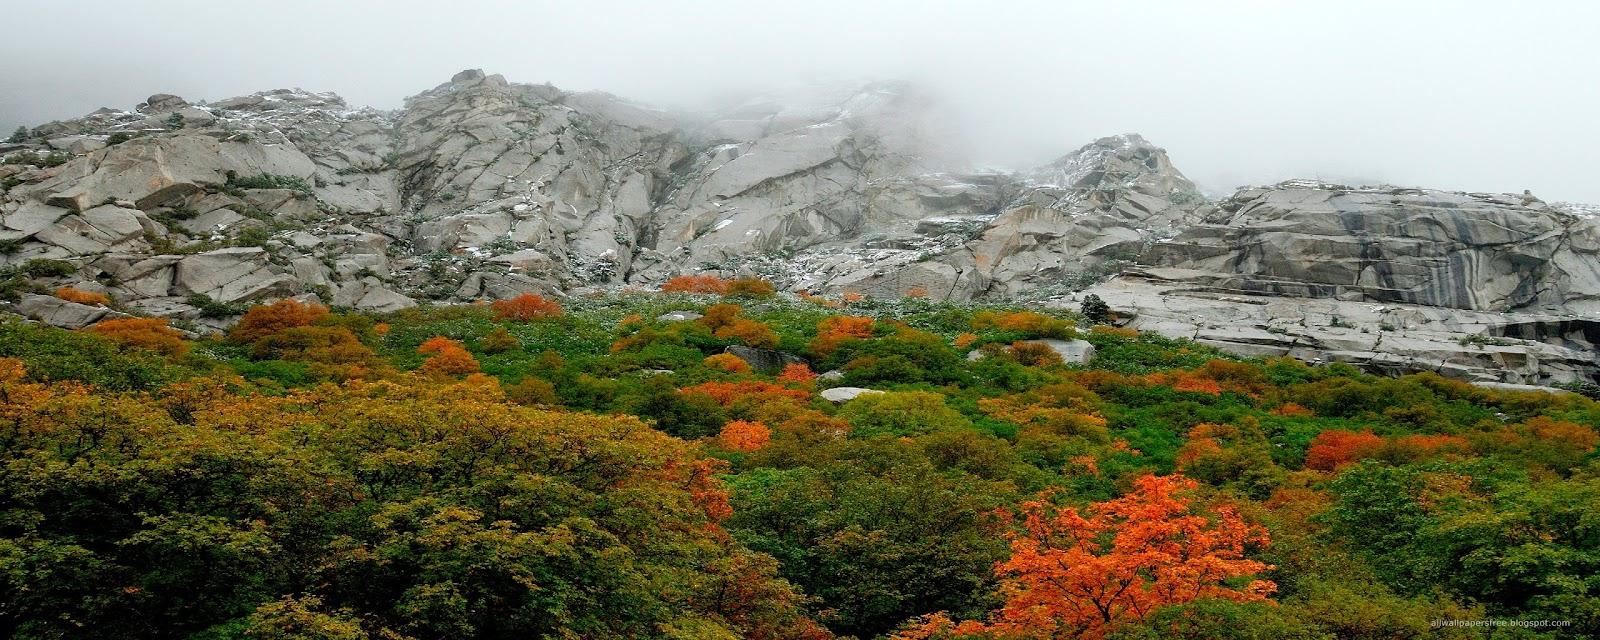 Geni do a manzara resimleri 300 impressive dual screen landscapes